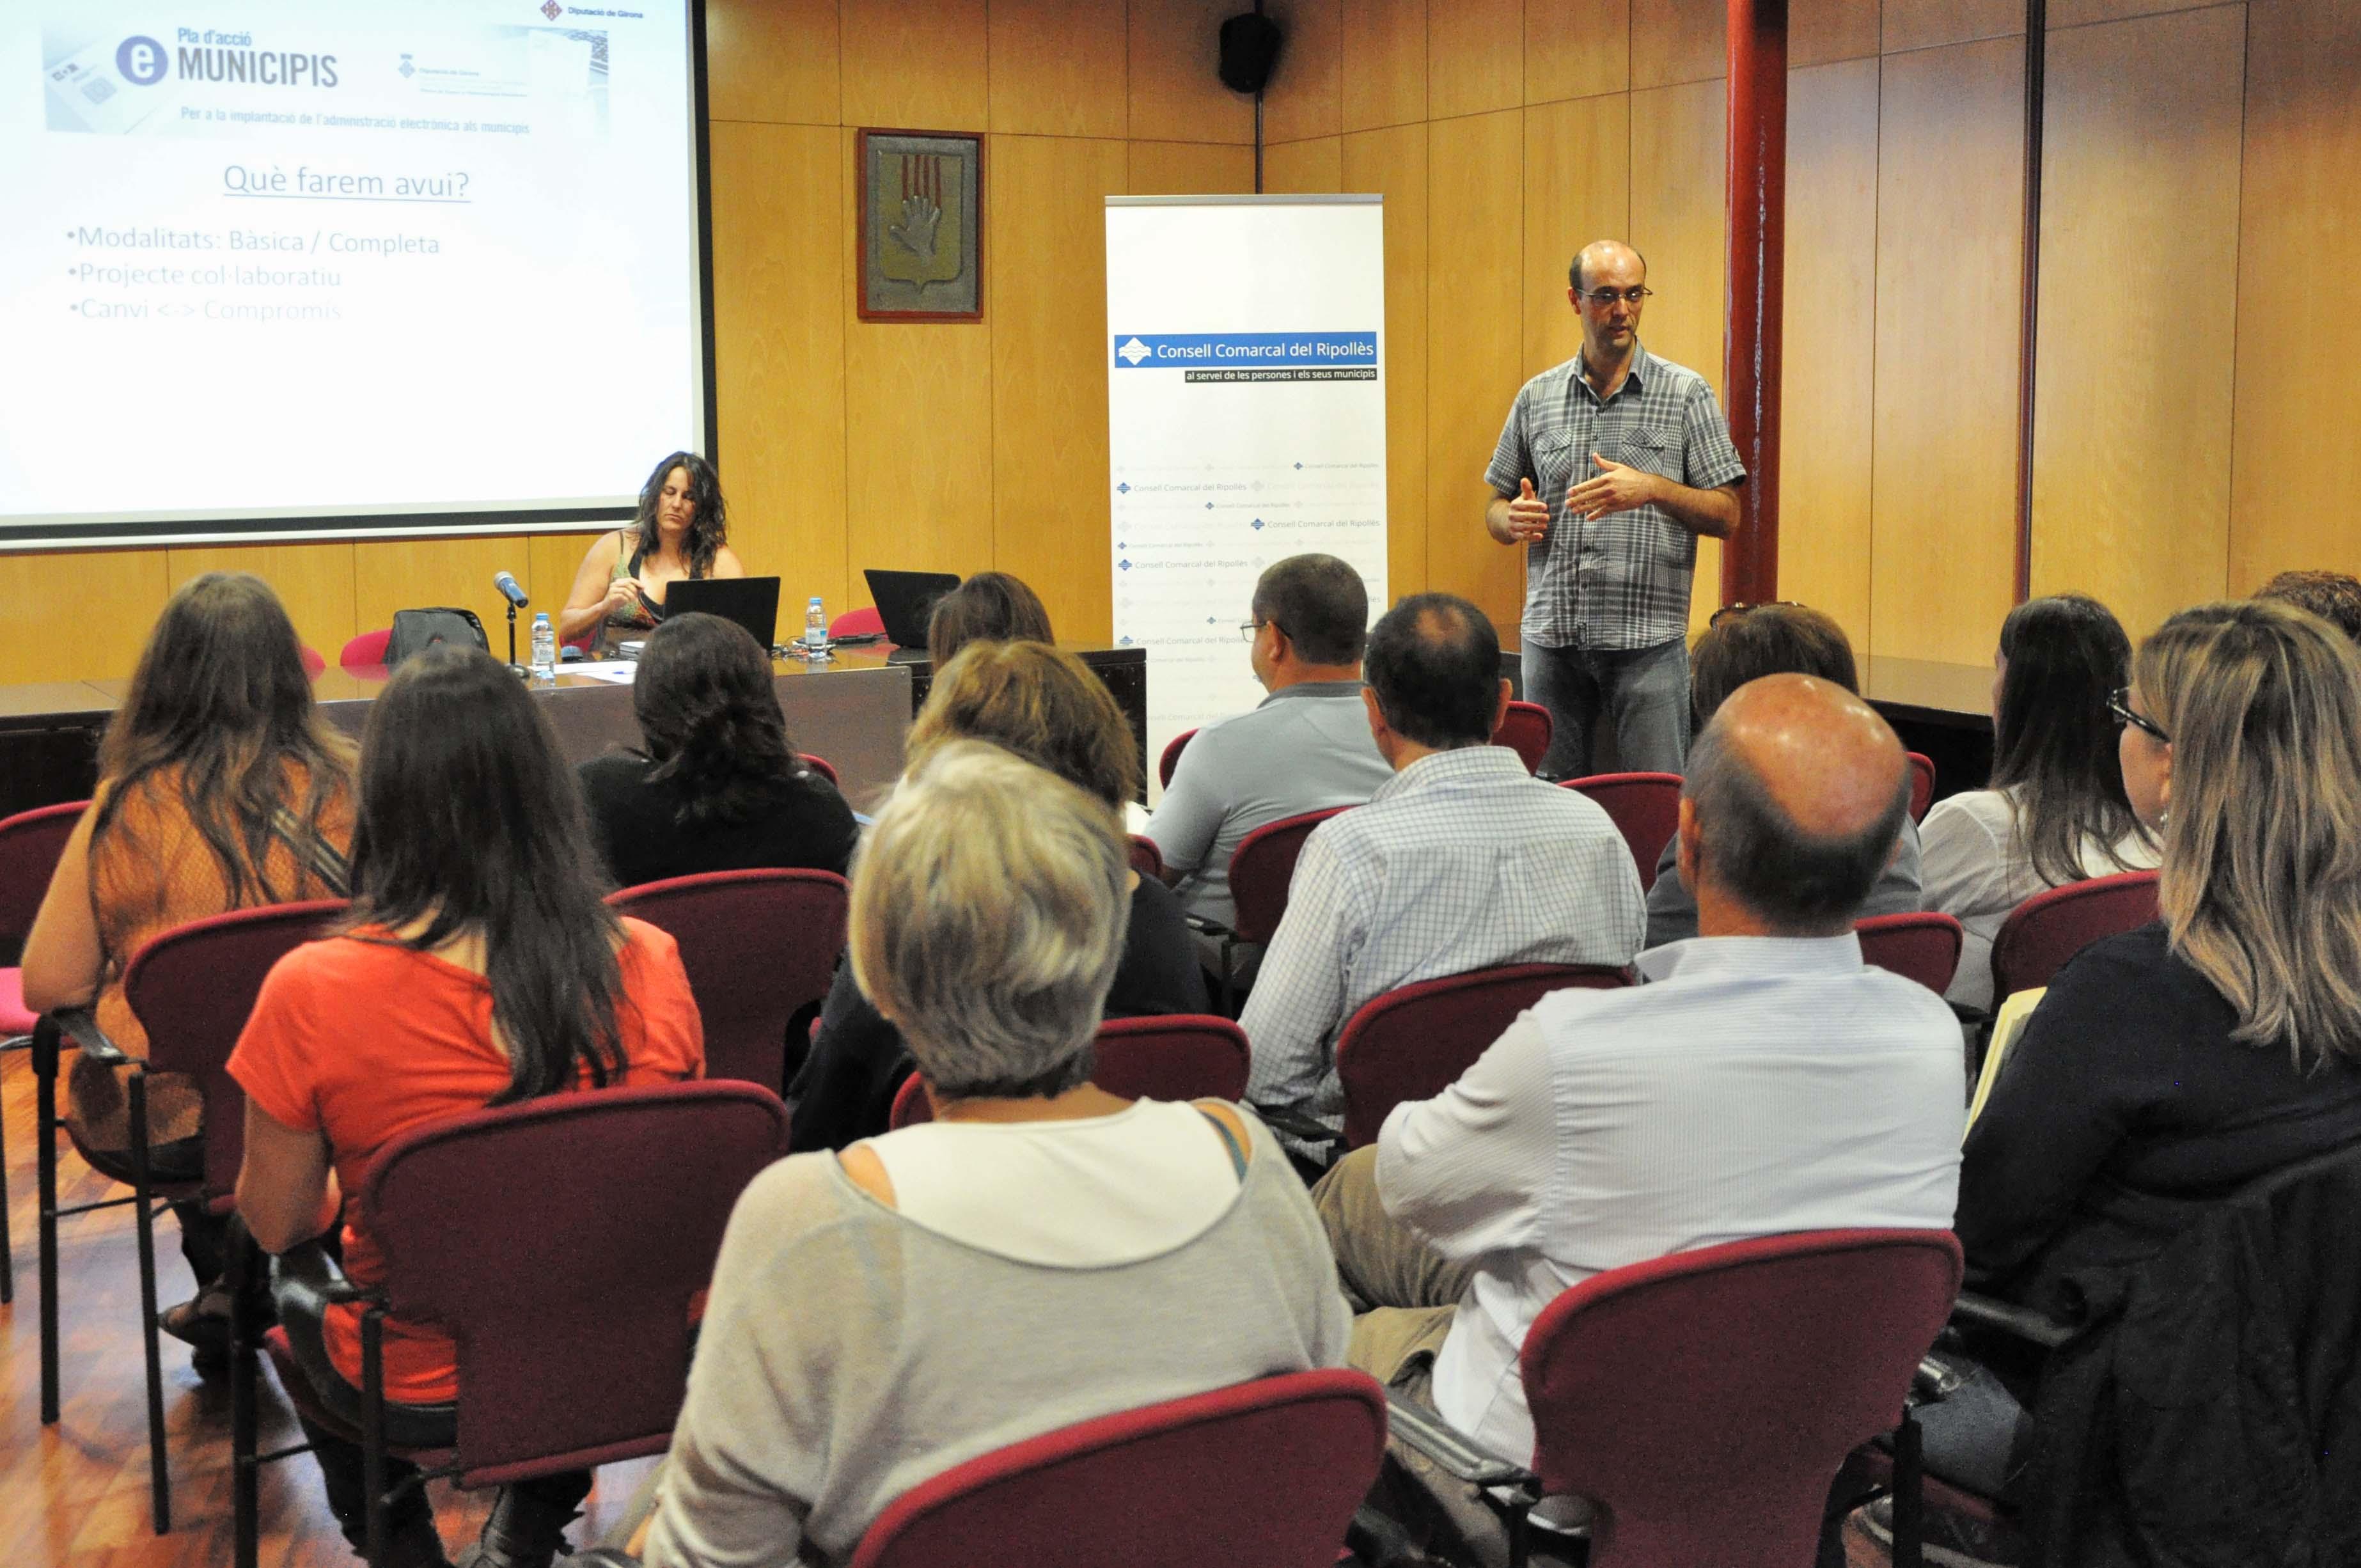 Sessió informativa per als municipis organitzada per la Diputació de Girona per al Ripollès, la Cerdanya i Vidrà.